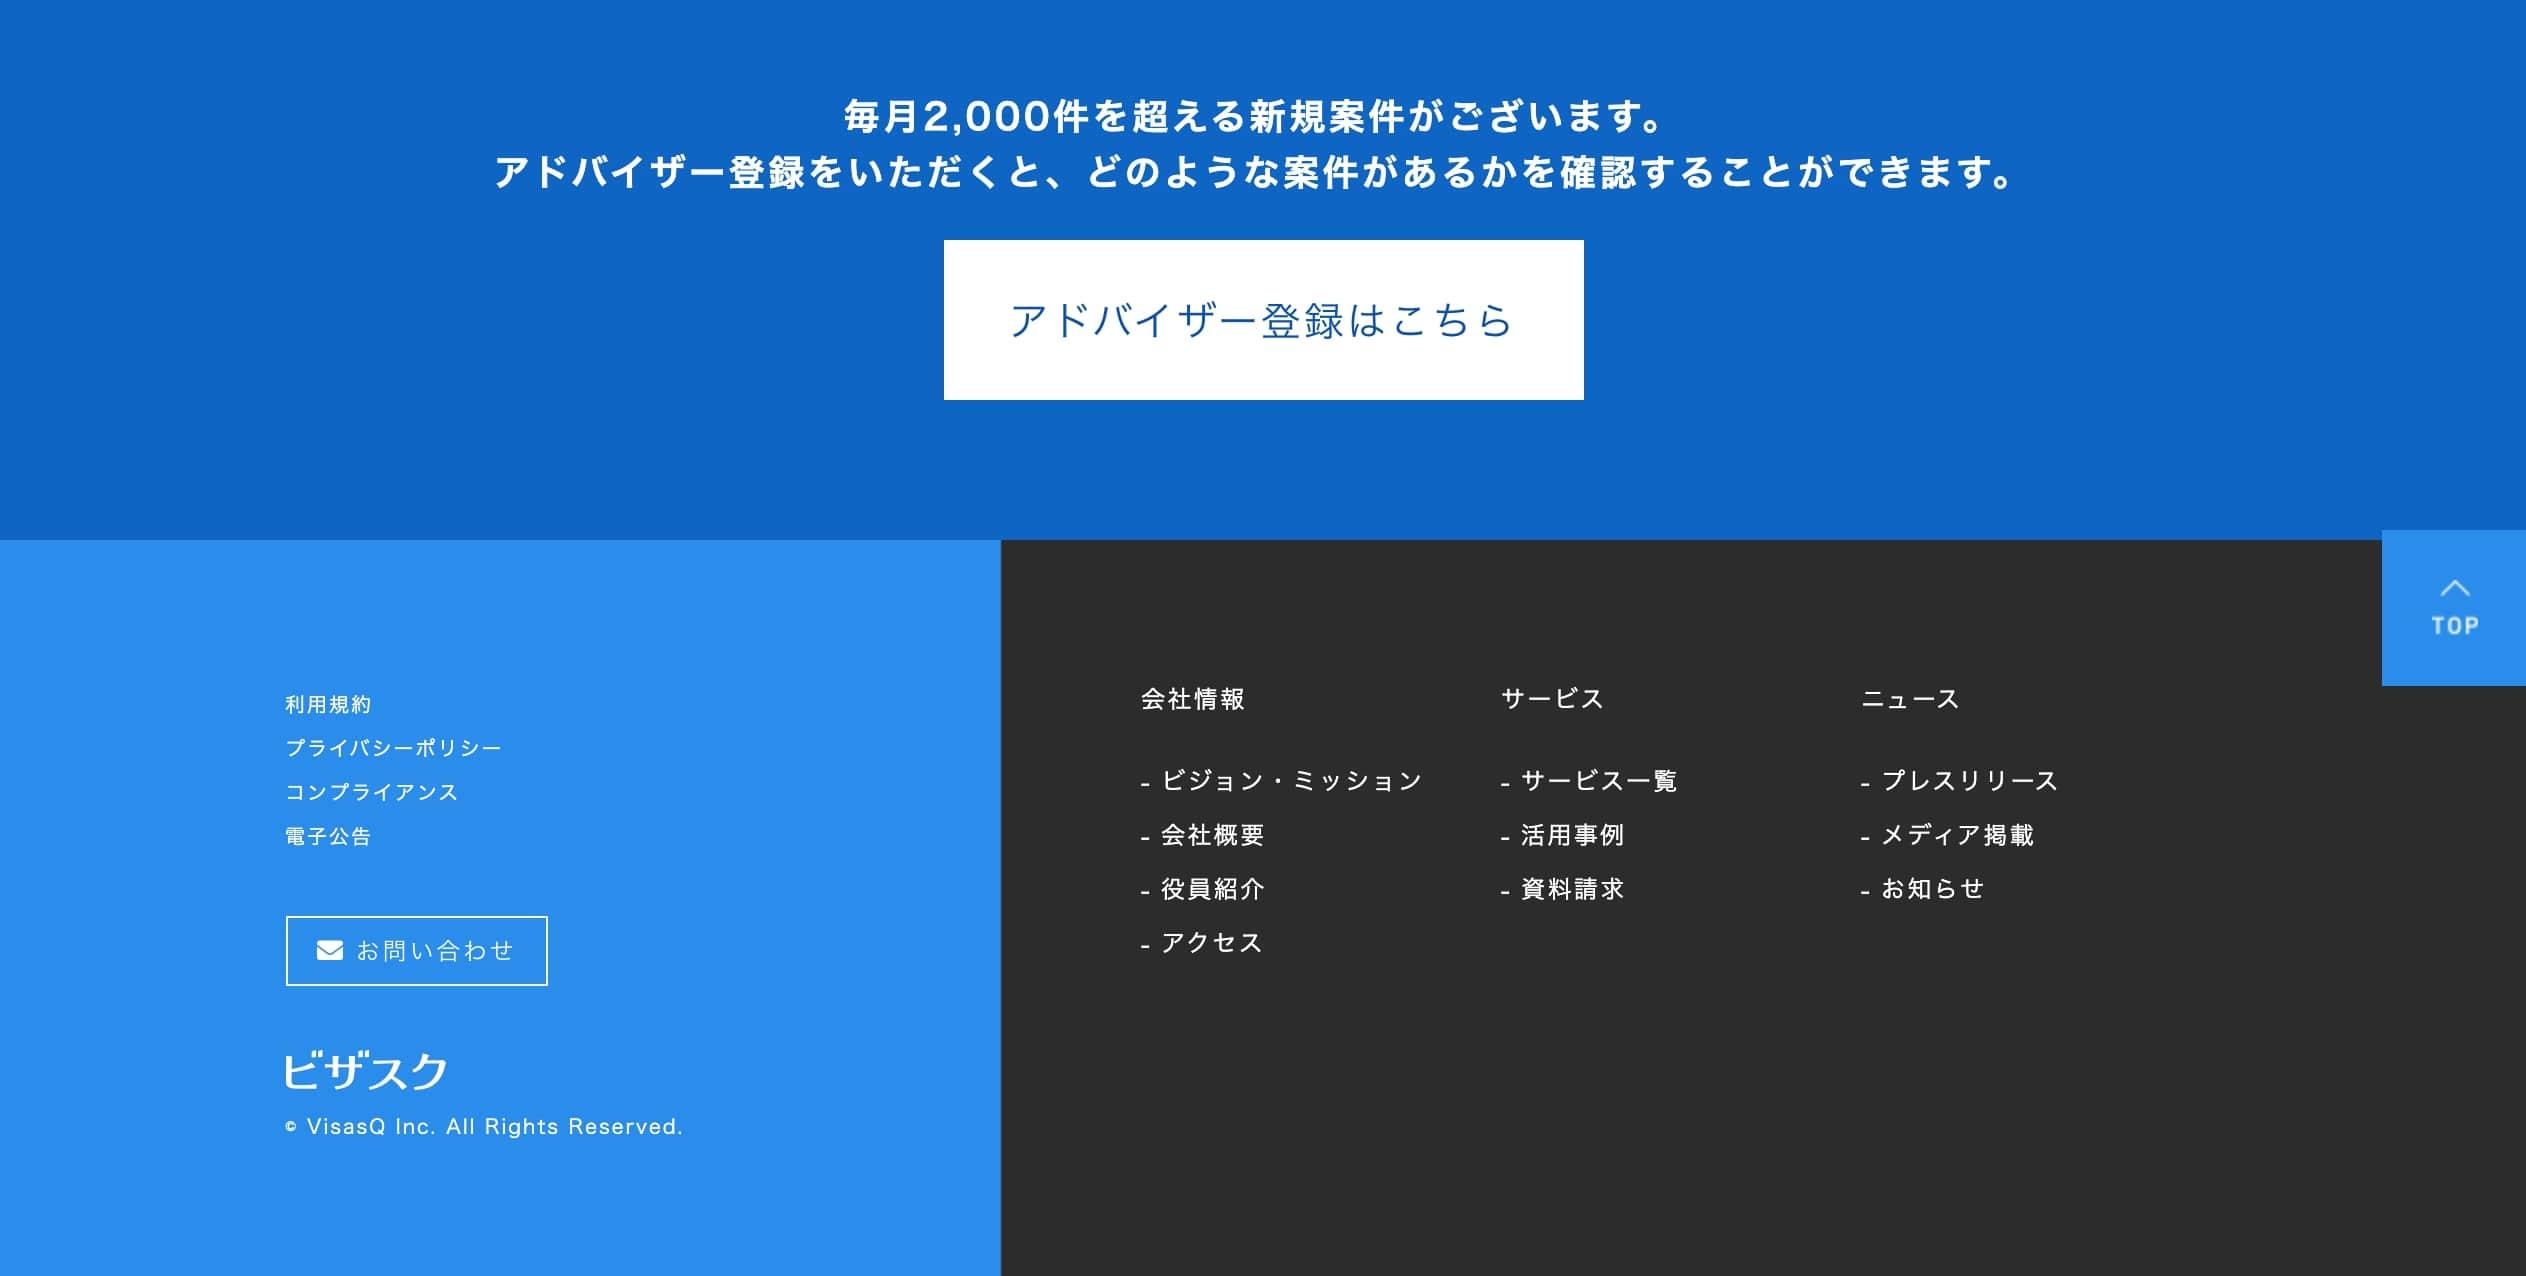 ビザスクアドバイザー申込フォームに入力